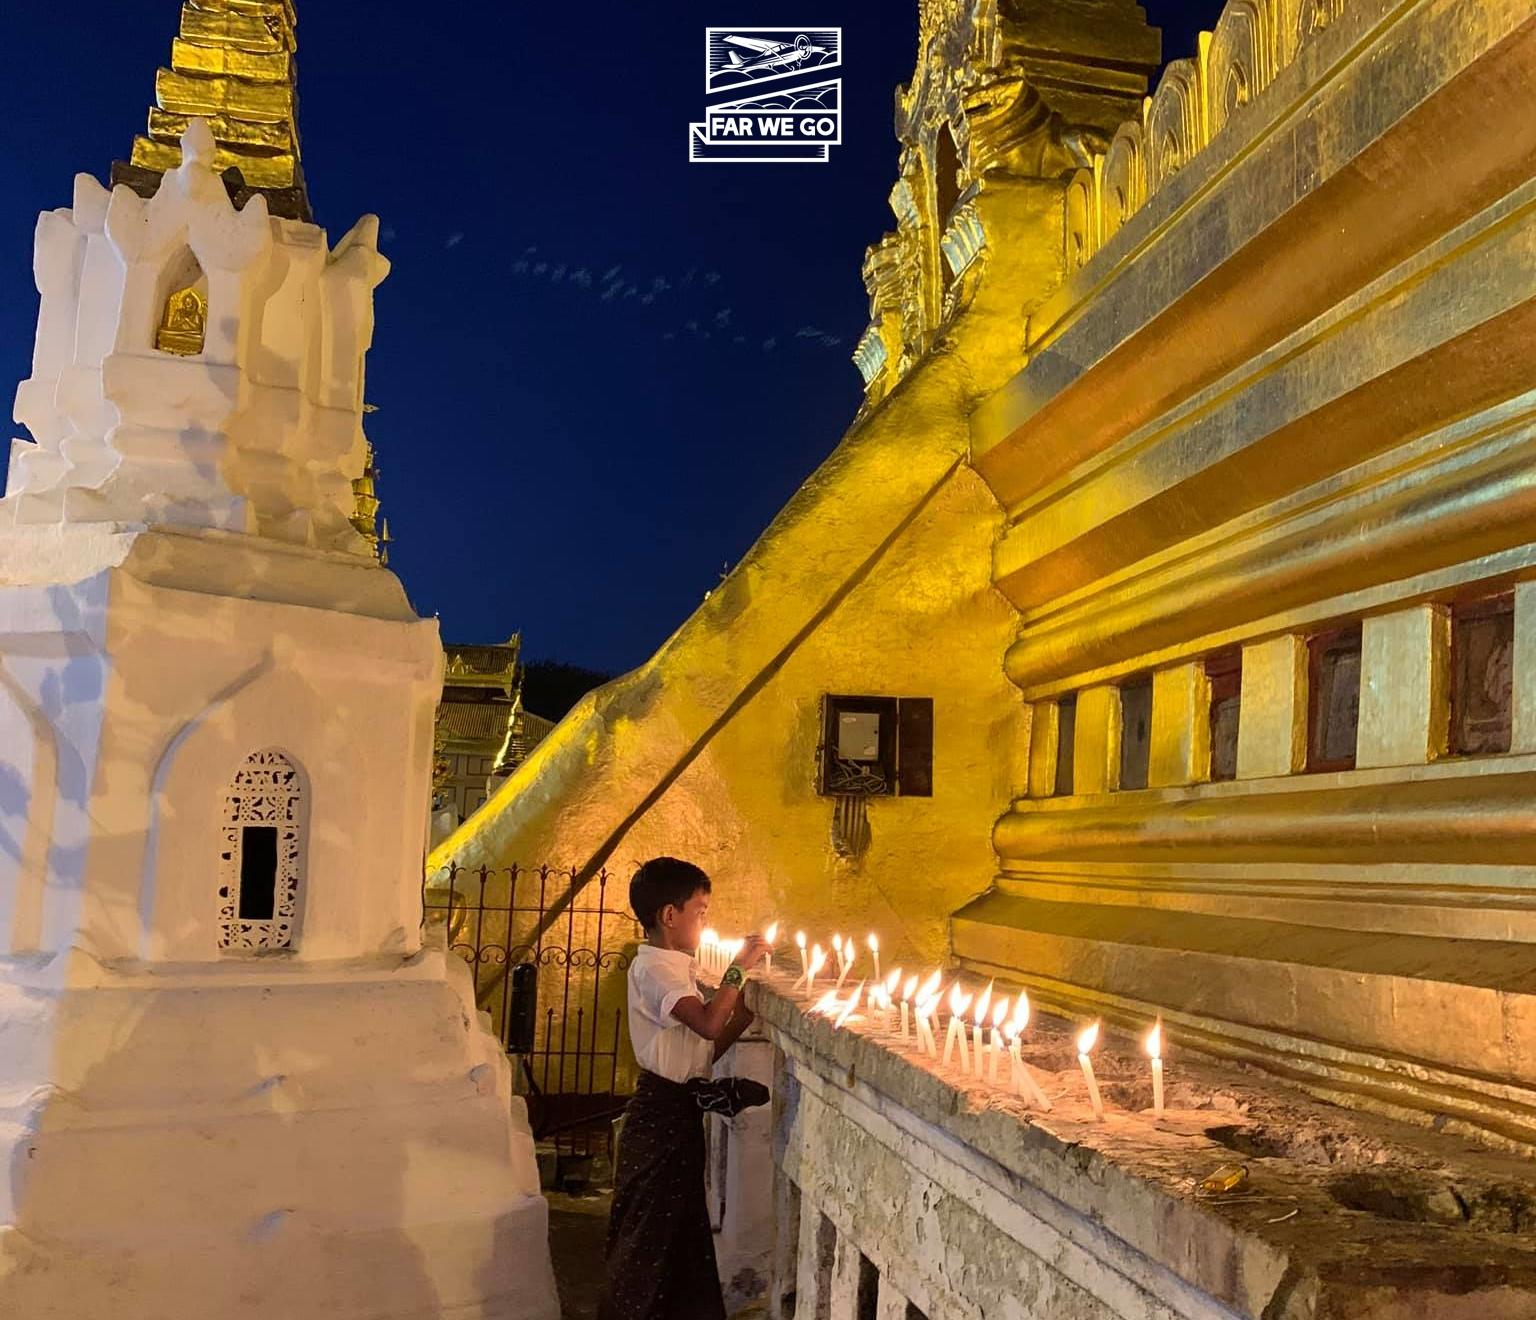 Cẩm nang du lịch Yangon tại Myanmar